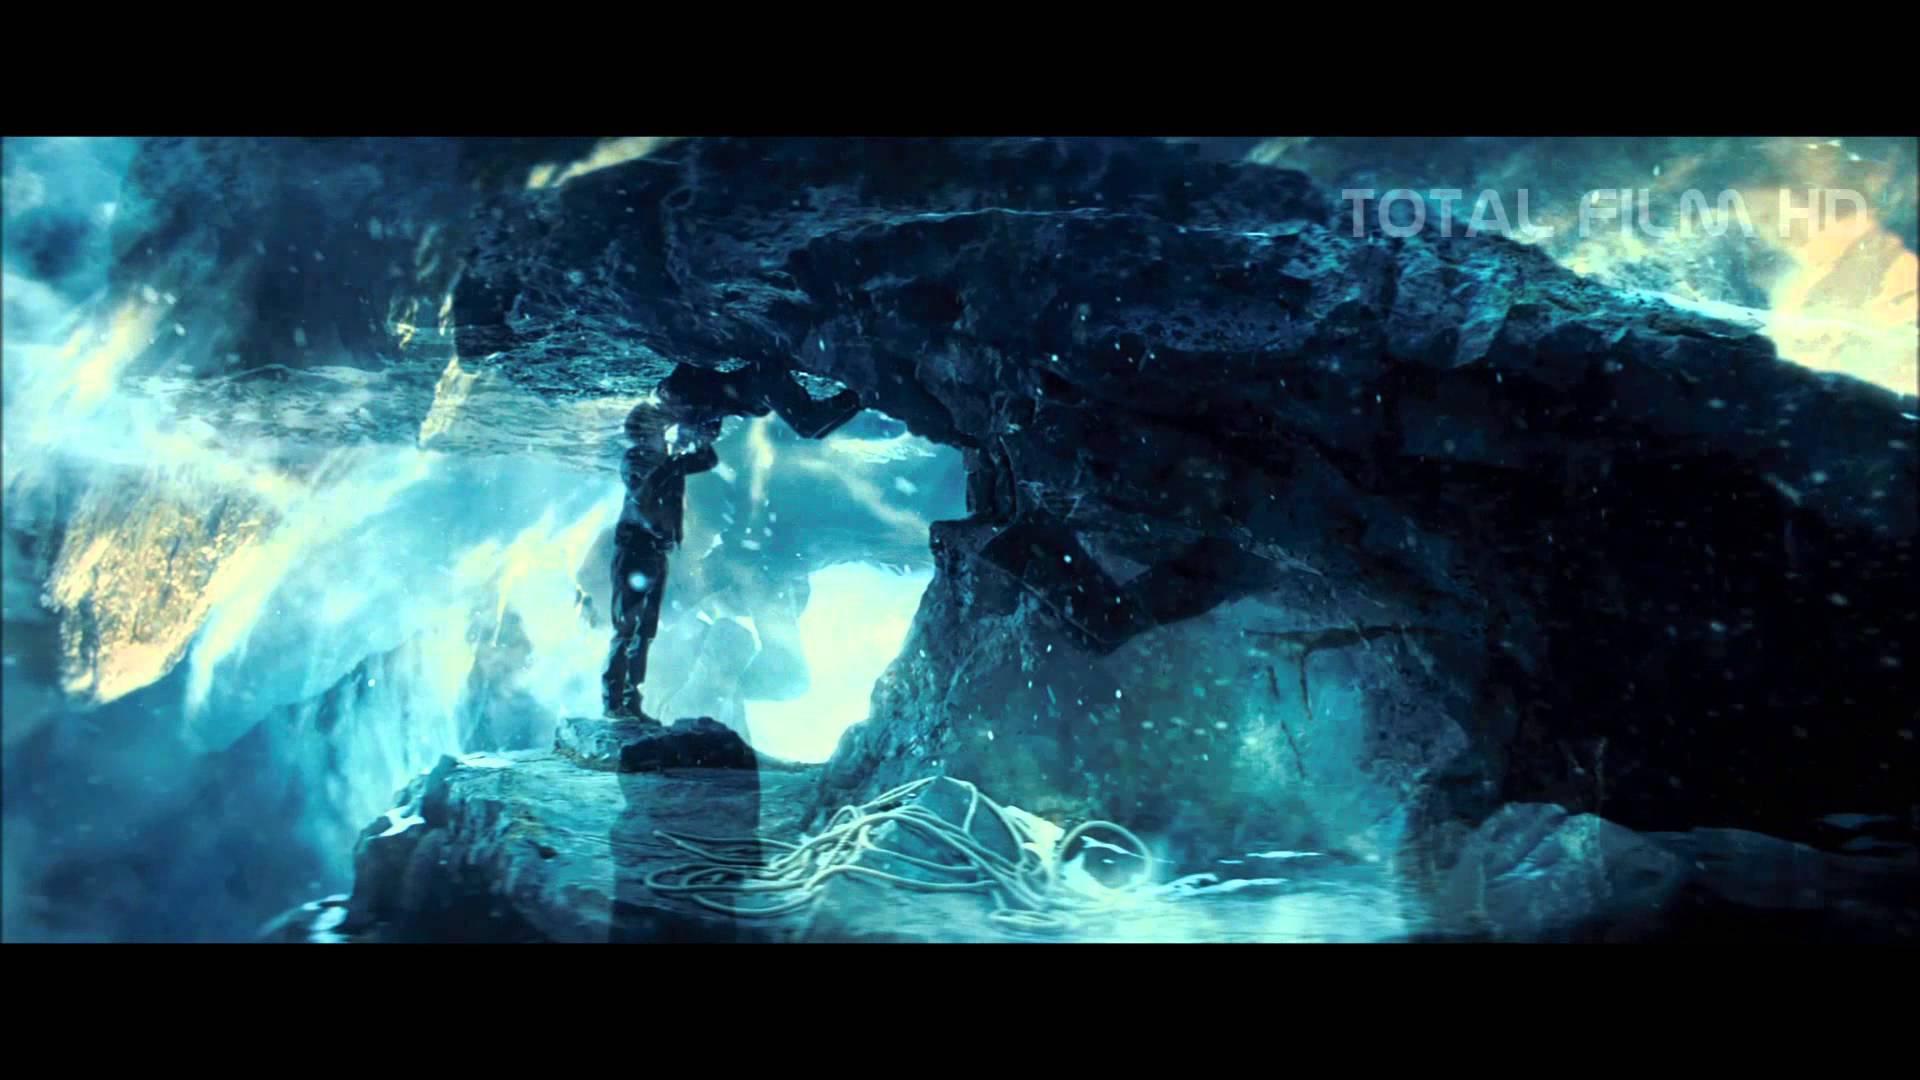 PARALELNÍ SVĚTY (2012) CZ HD český trailer (od 31. ledna)